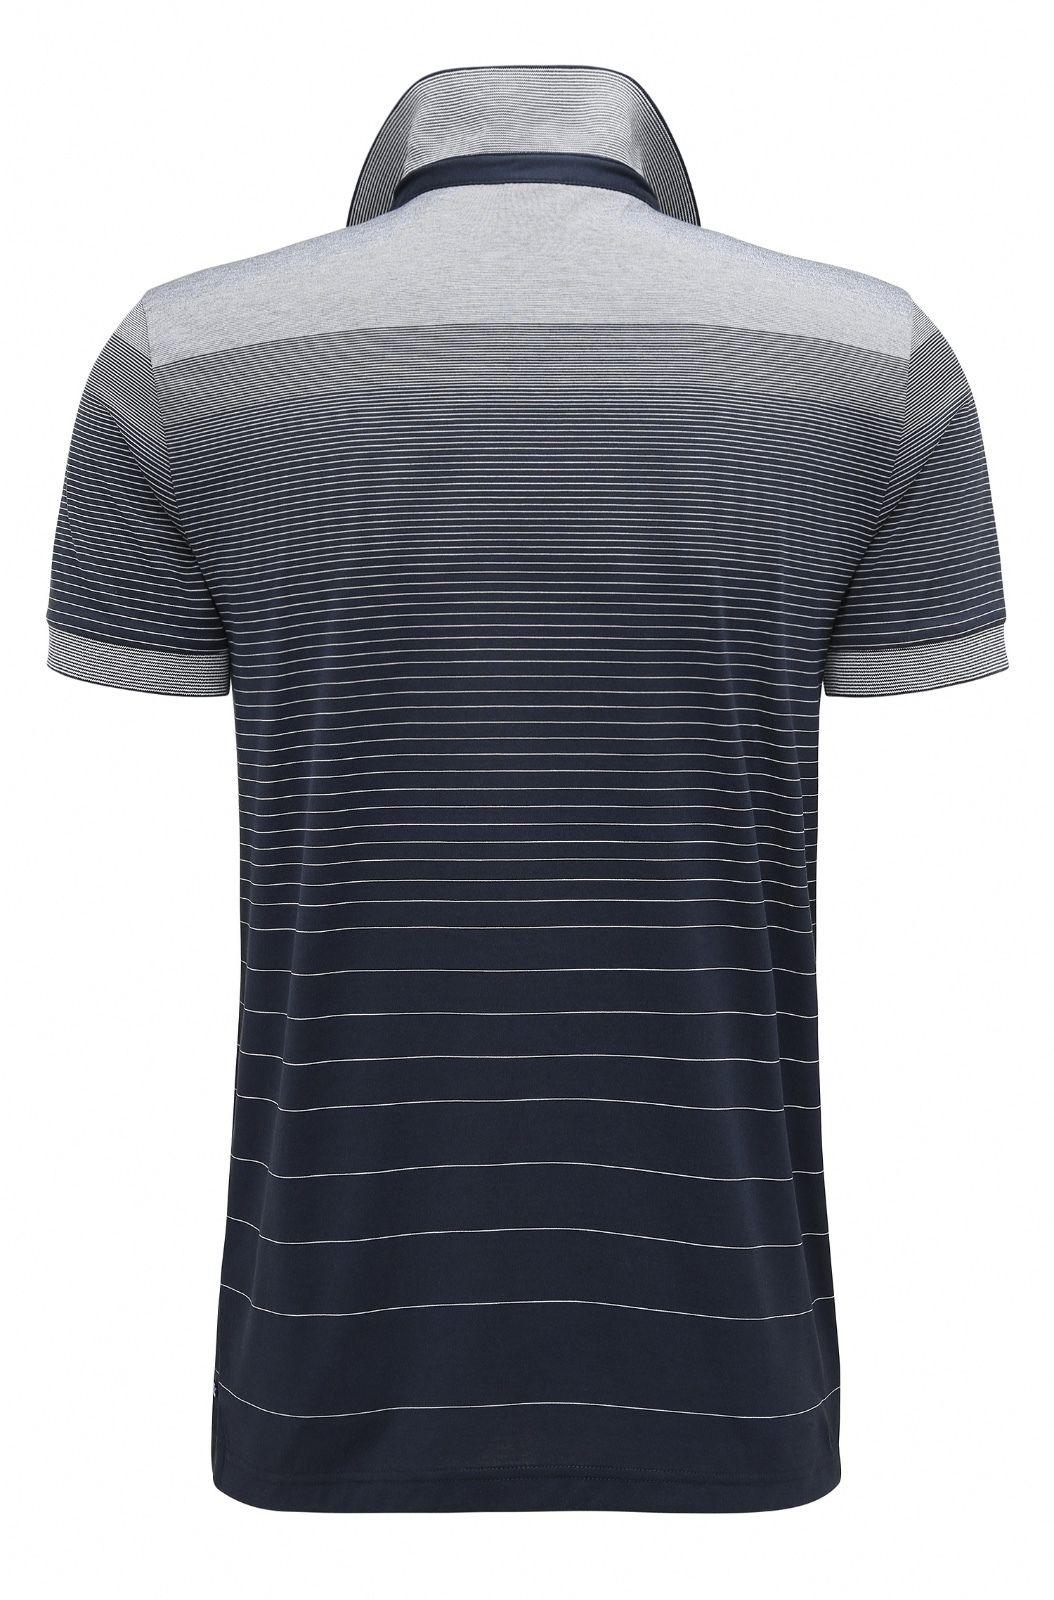 Hugo Boss Men s C-Janis Sport Cotton Regular Fit Polo Shirt T-shirt ... 2b196f7d84a